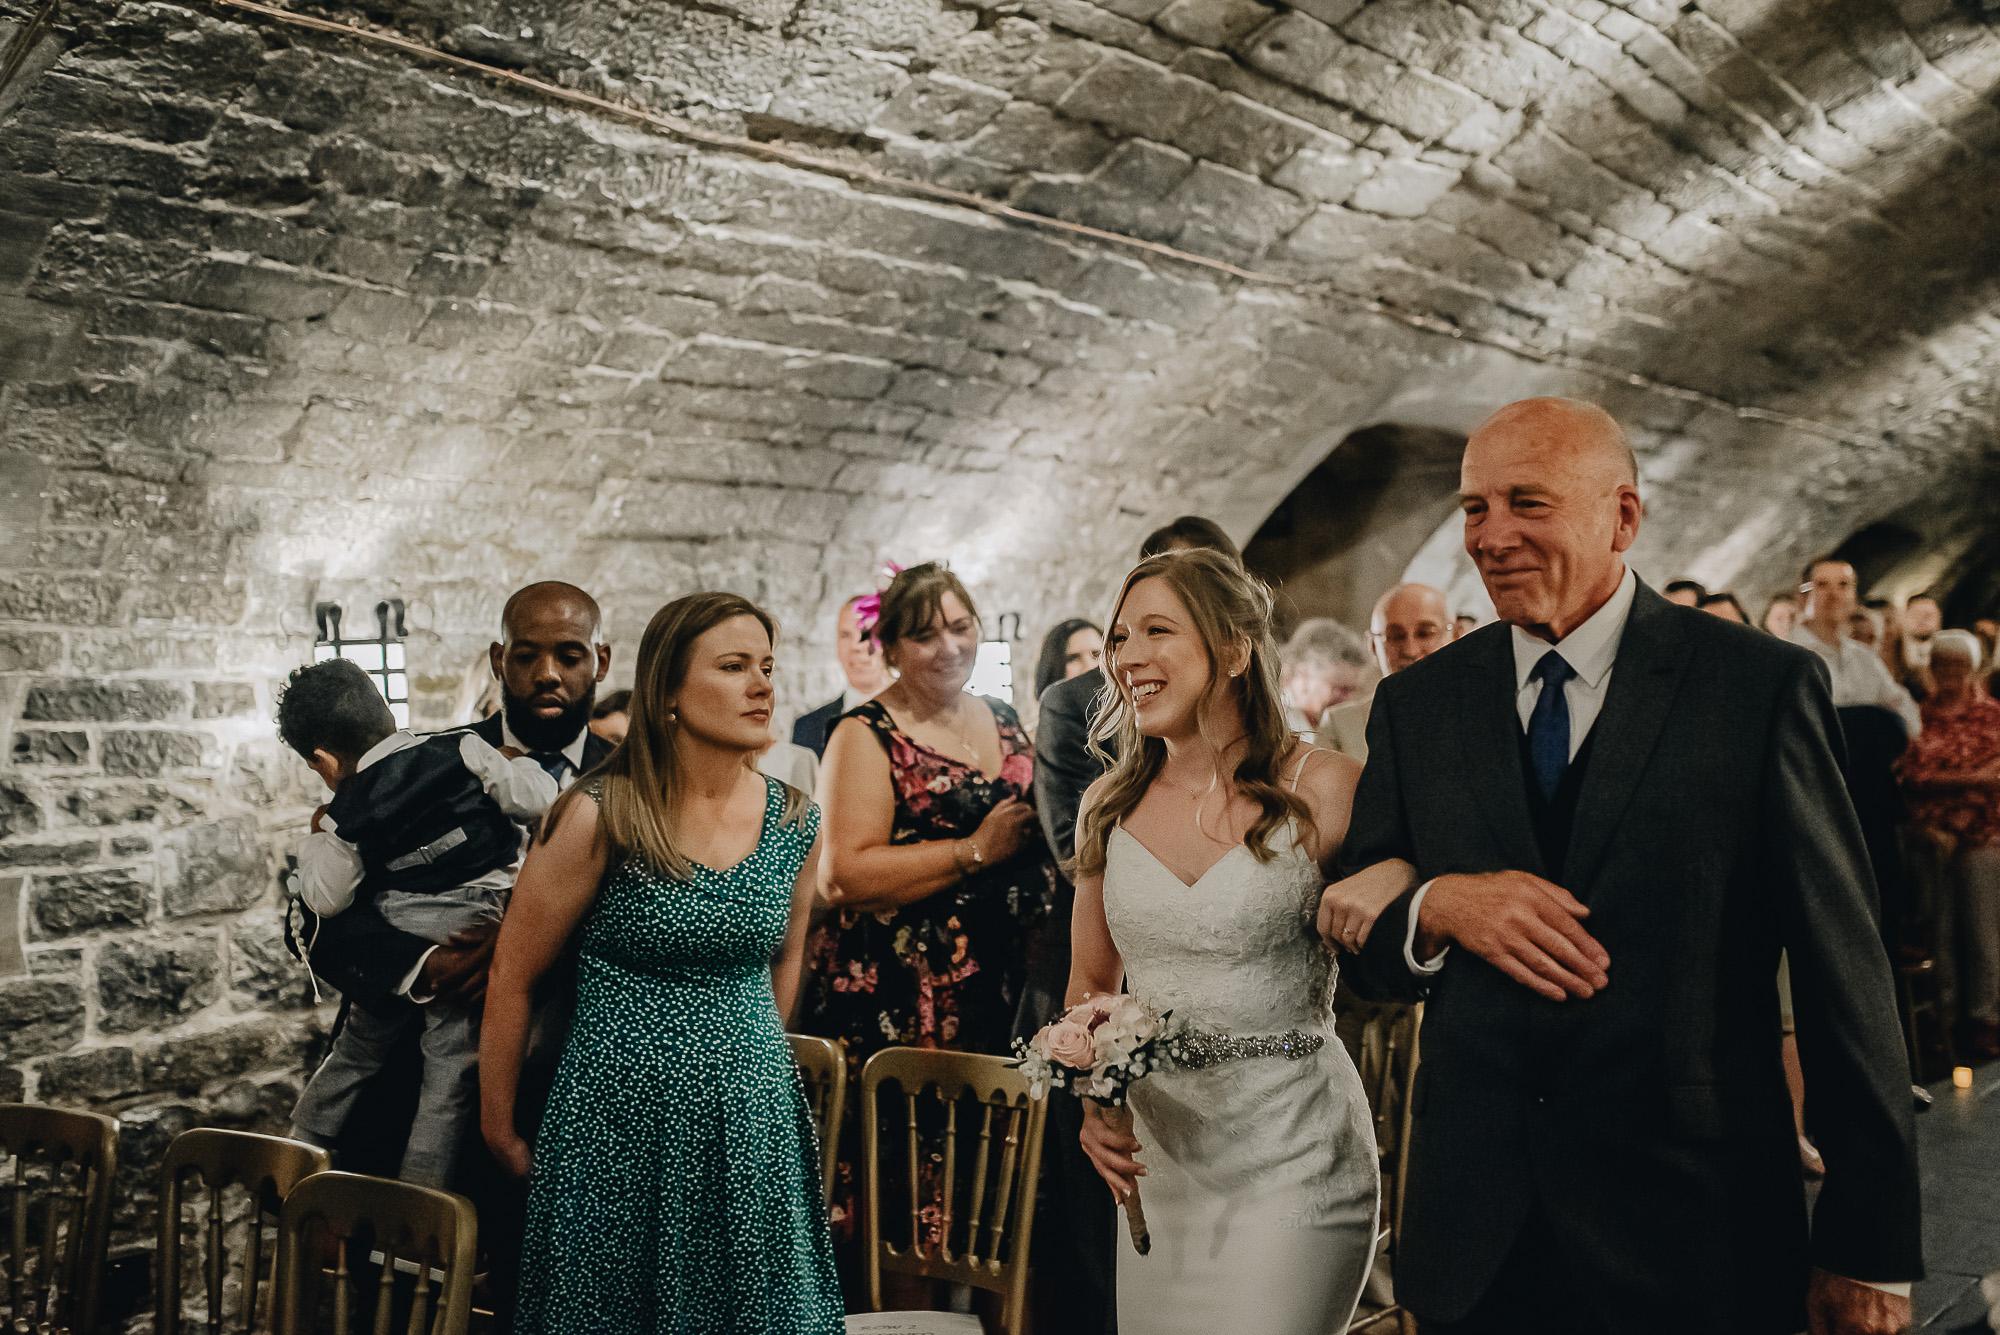 OurBeautifulAdventure-CardiffCastleWedding-Maddie&Joe-WeddingBlog-1464.jpg